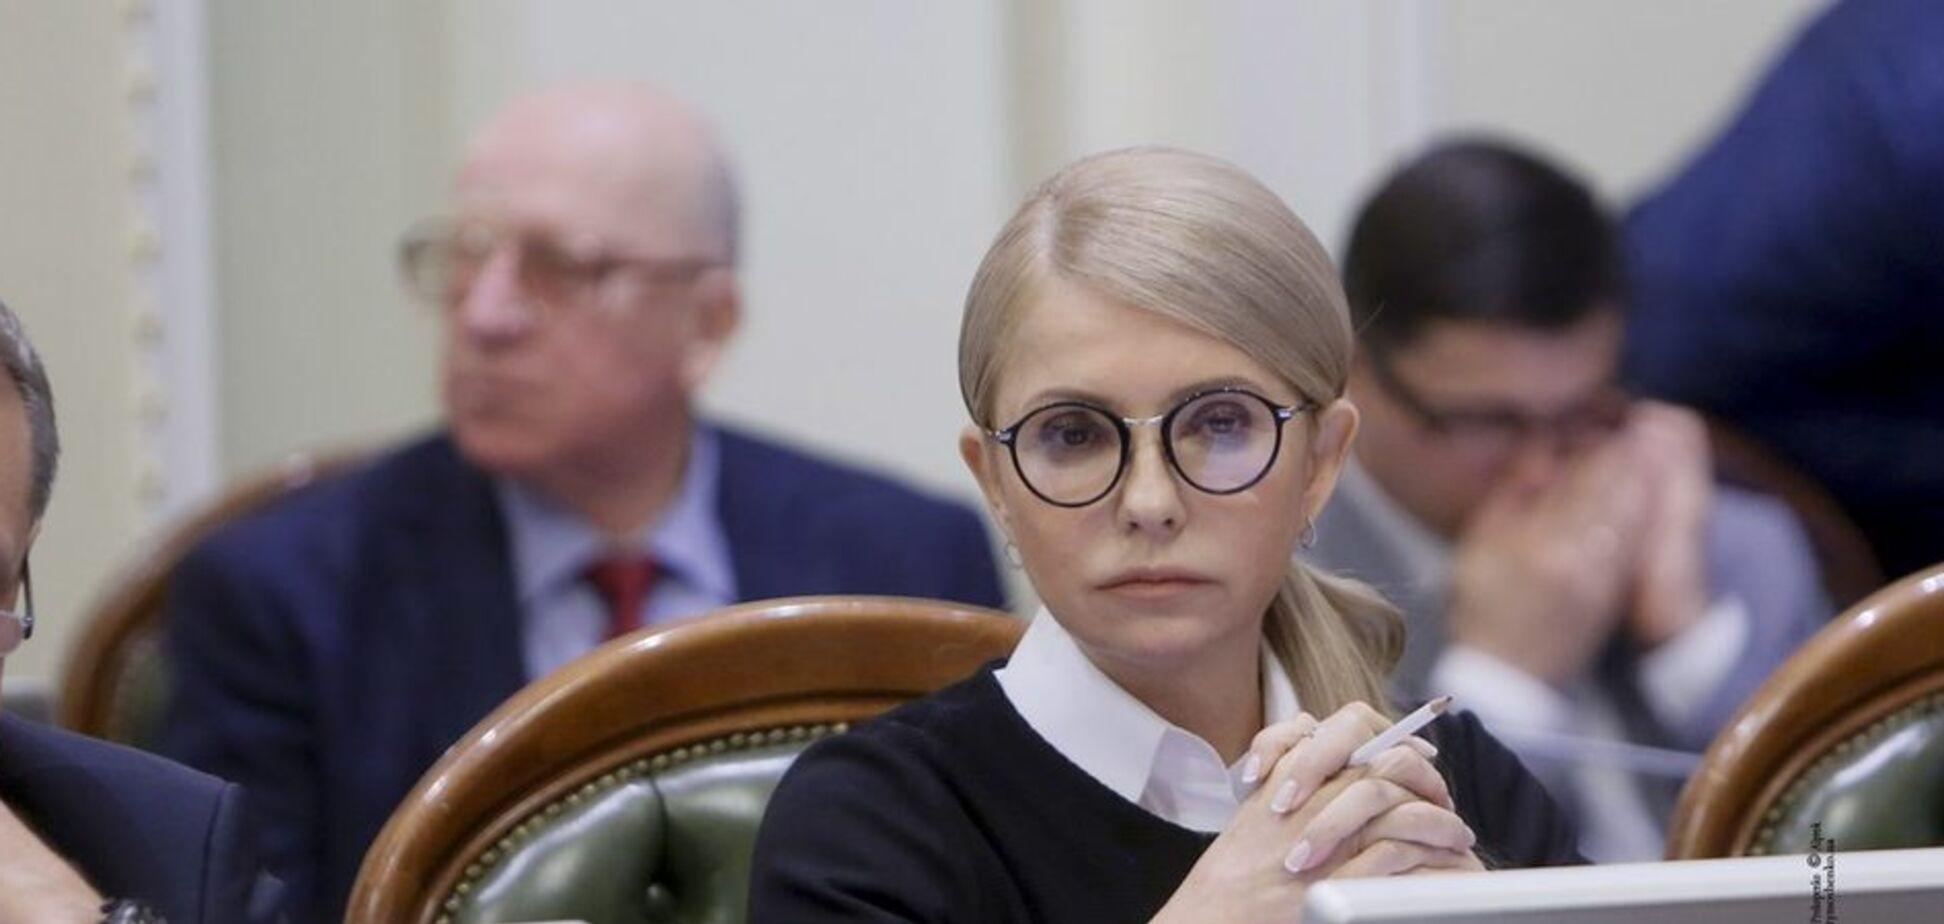 Повышение цен на газ нужно власти, переписывающей украинские месторождения на коррупционное окружение — Тимошенко